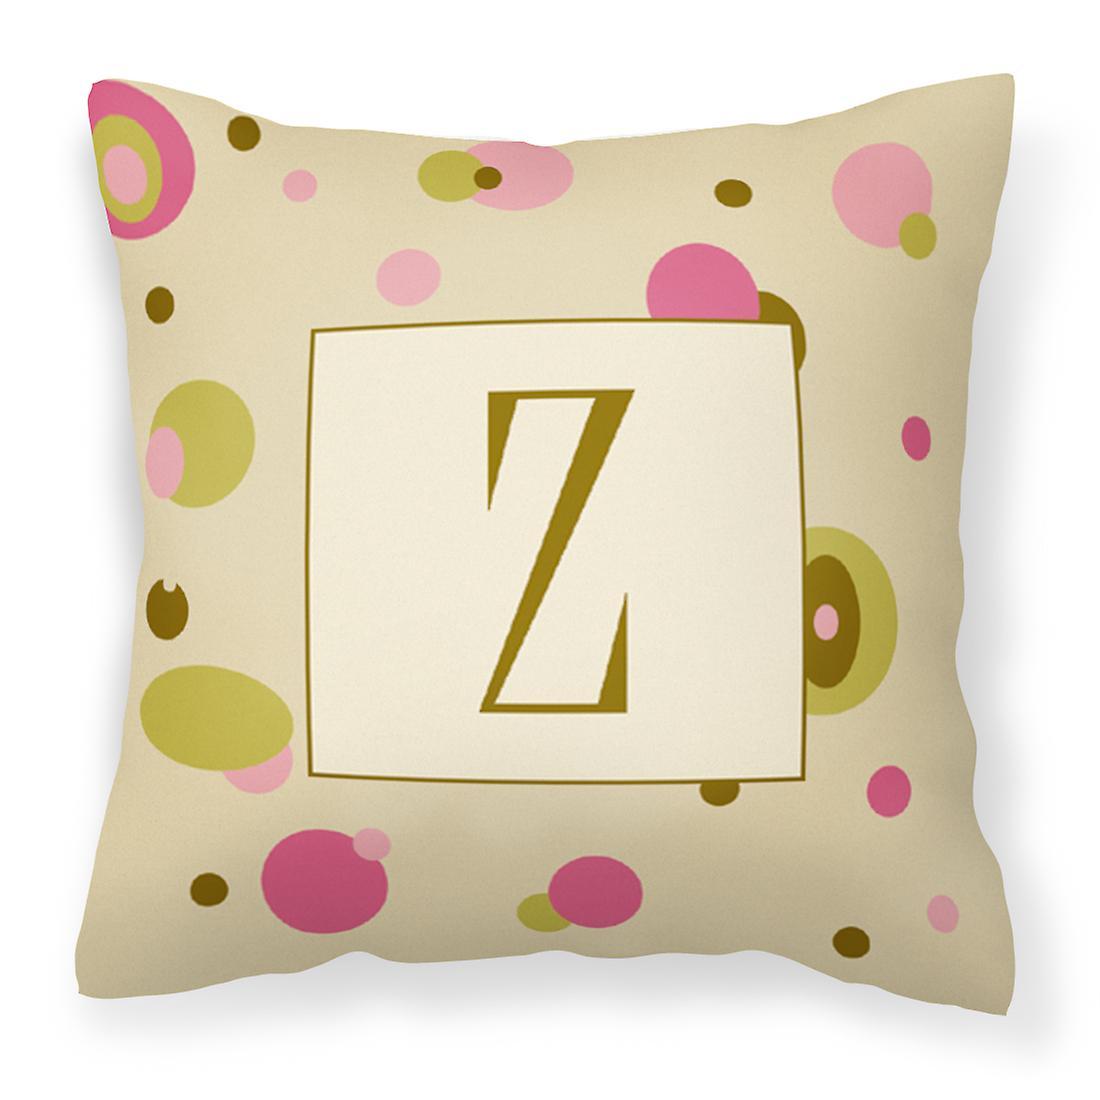 Lettre Monogramme InitialeTan Décoratifs Z Points Tissu Toile Oreiller YbvI6gym7f